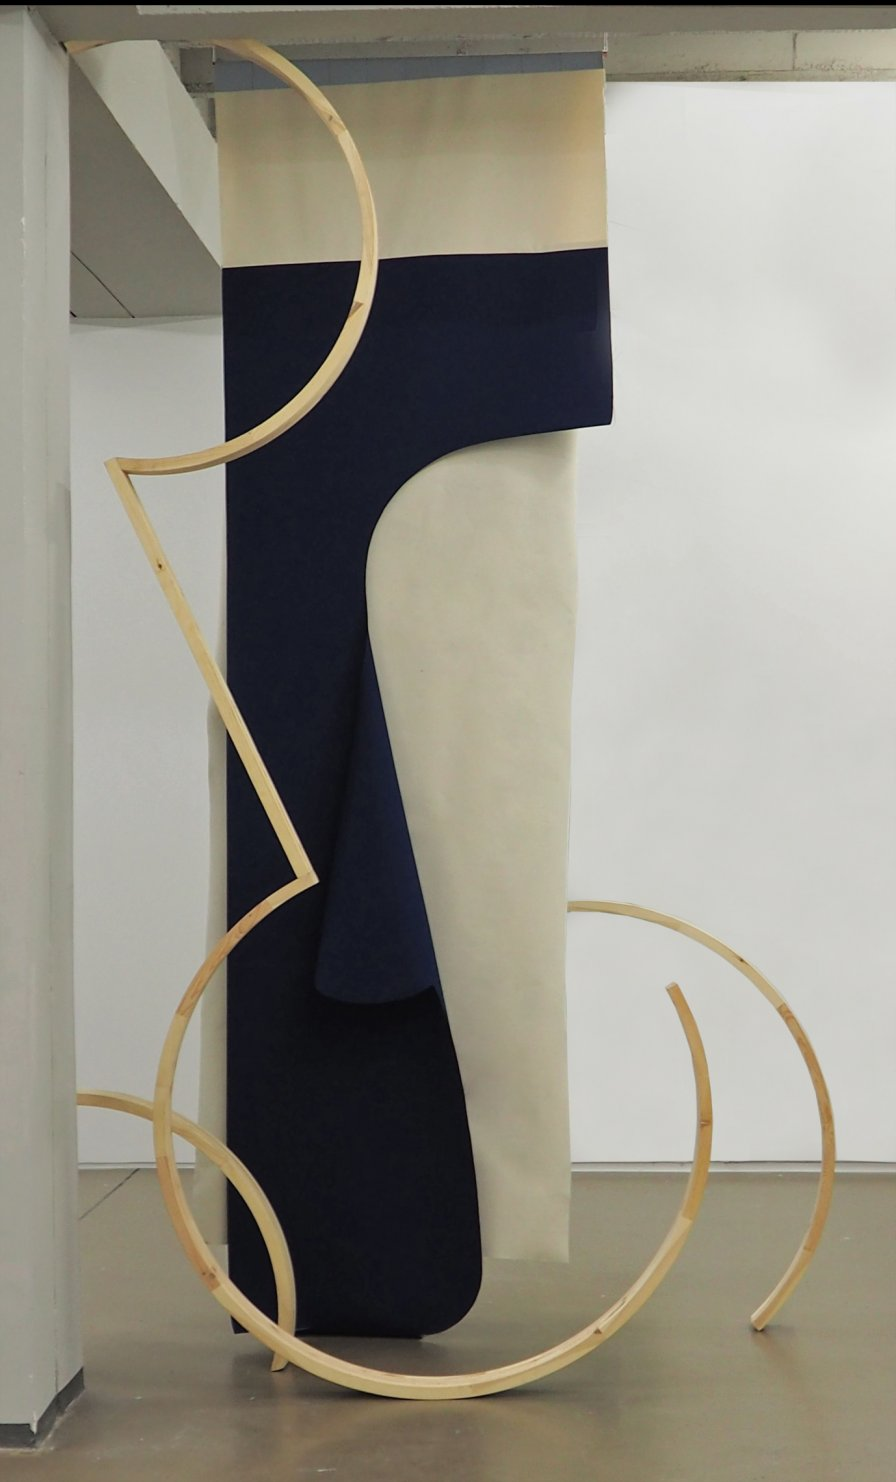 Decorative Elements (background/figure) (2017) - Leonor Serrano Rivas